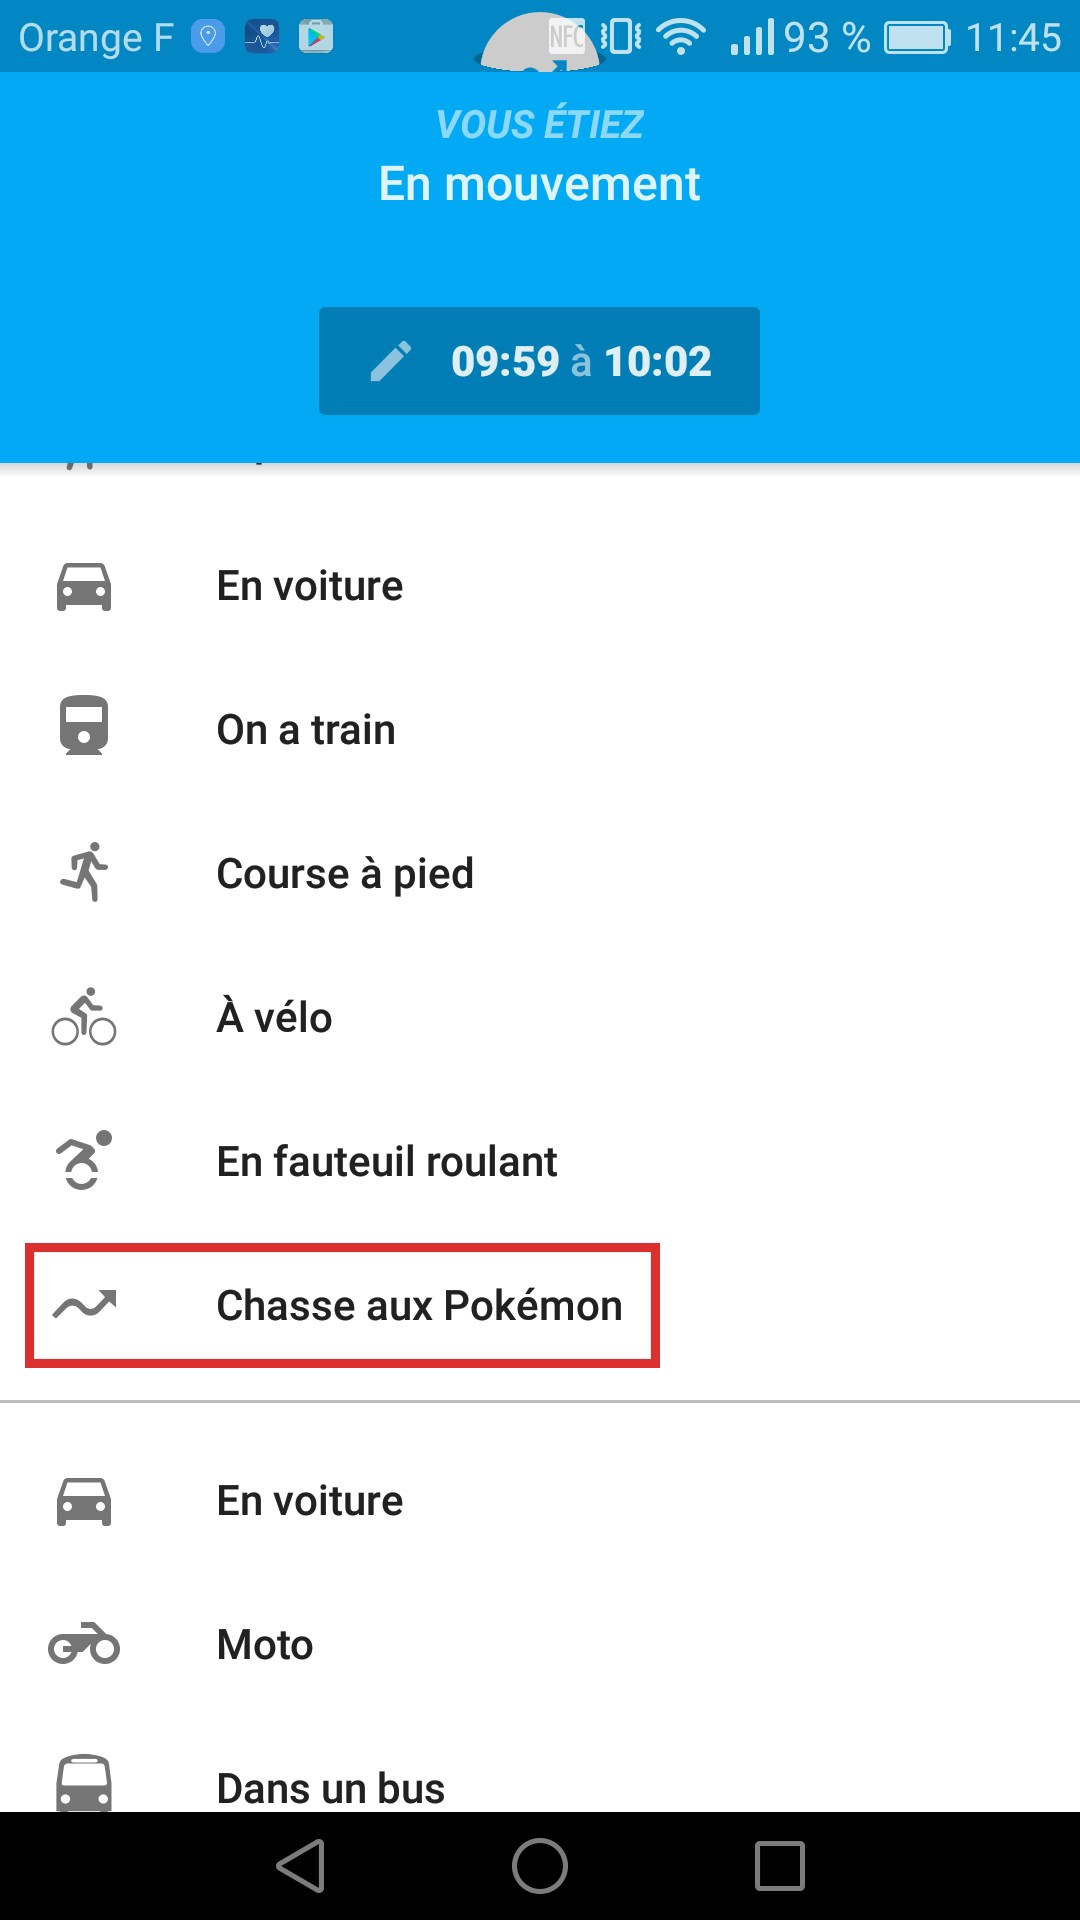 Même Google Maps se met à l'heure de Pokémon Go